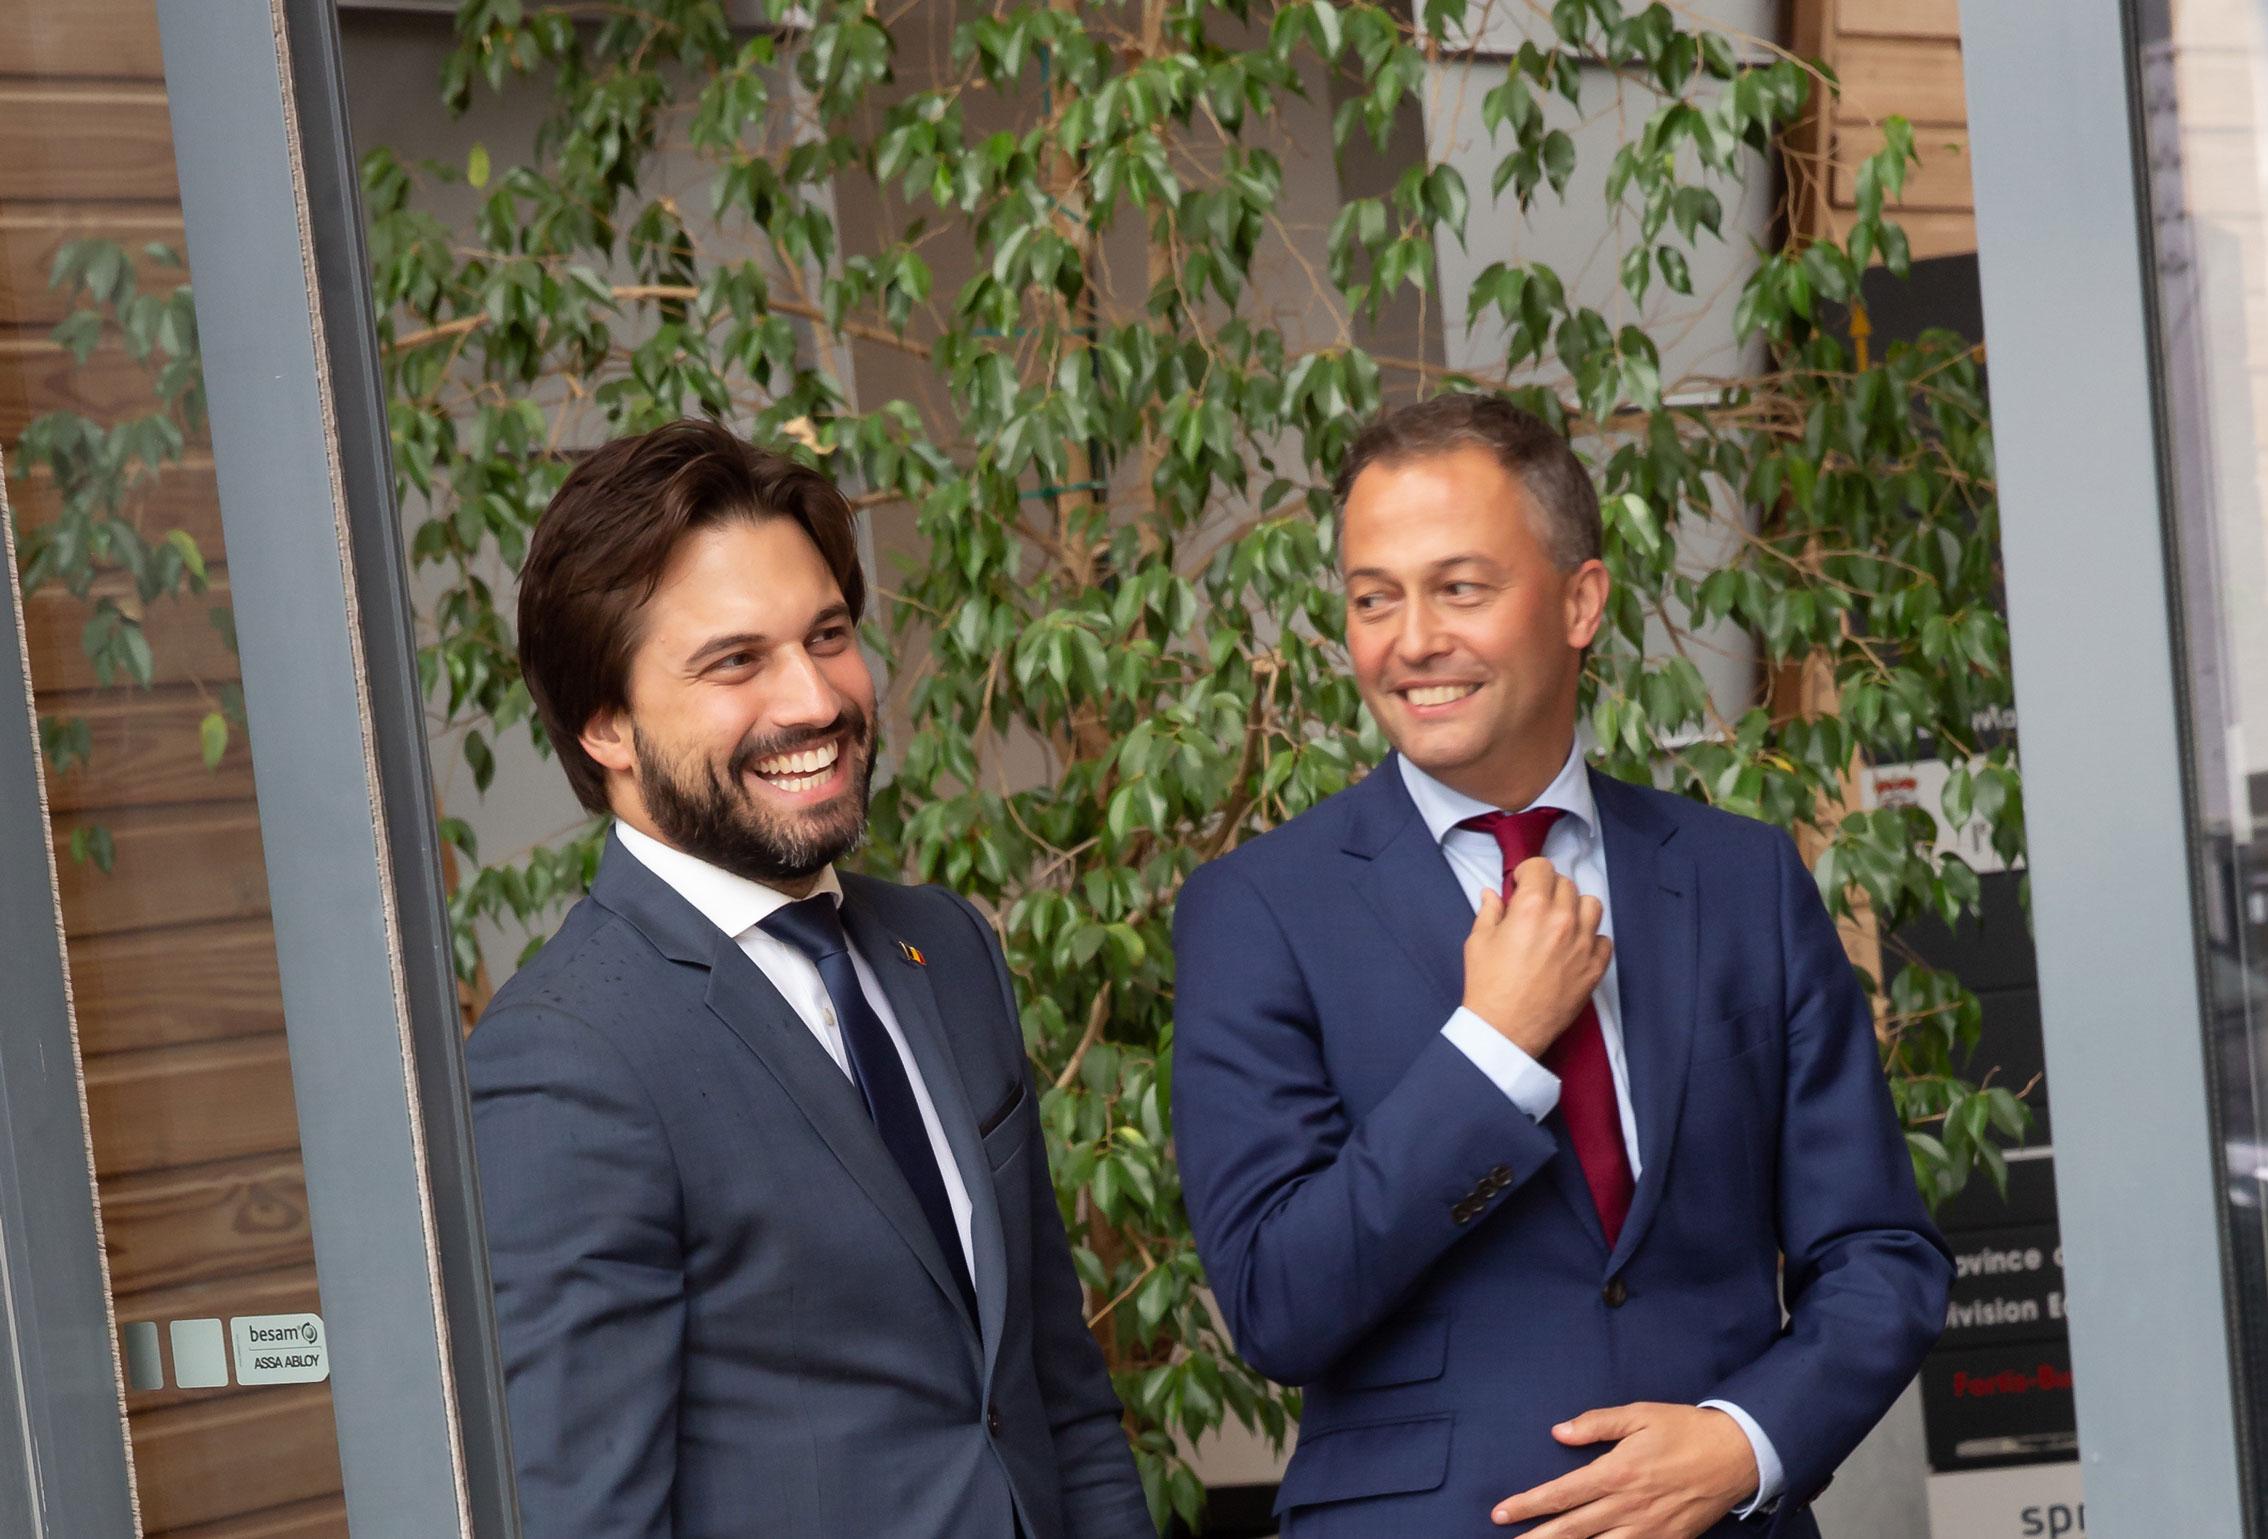 Tournée libérale de Belgique : les présidents du MR et de l'Open VLD en visite à la province de Luxembourg